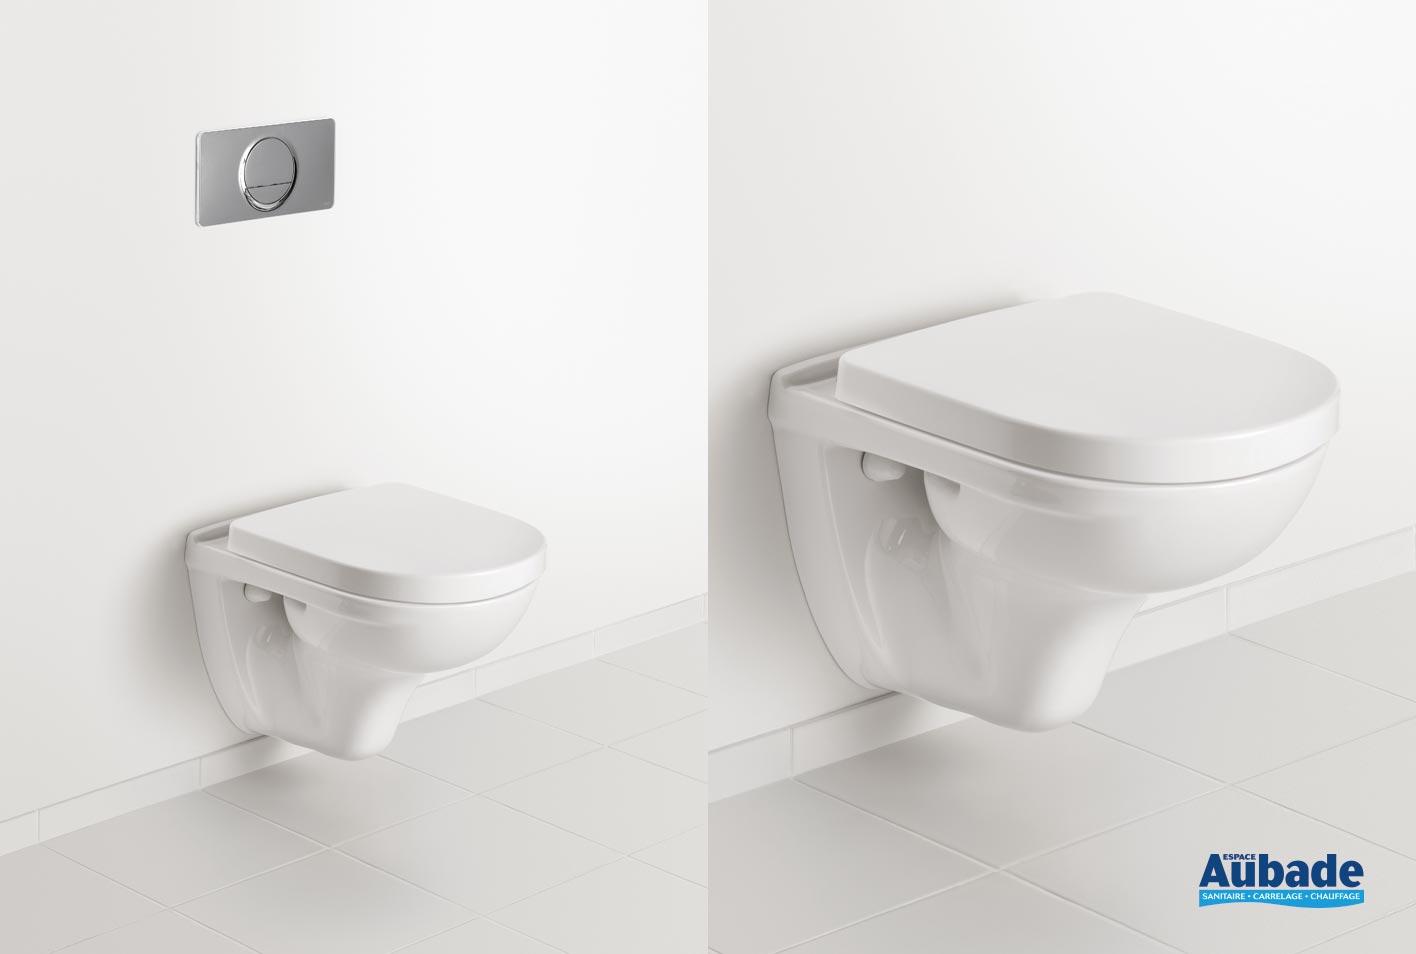 Type De Wc Suspendu wc suspendu o.novo compact de villeroy & boch